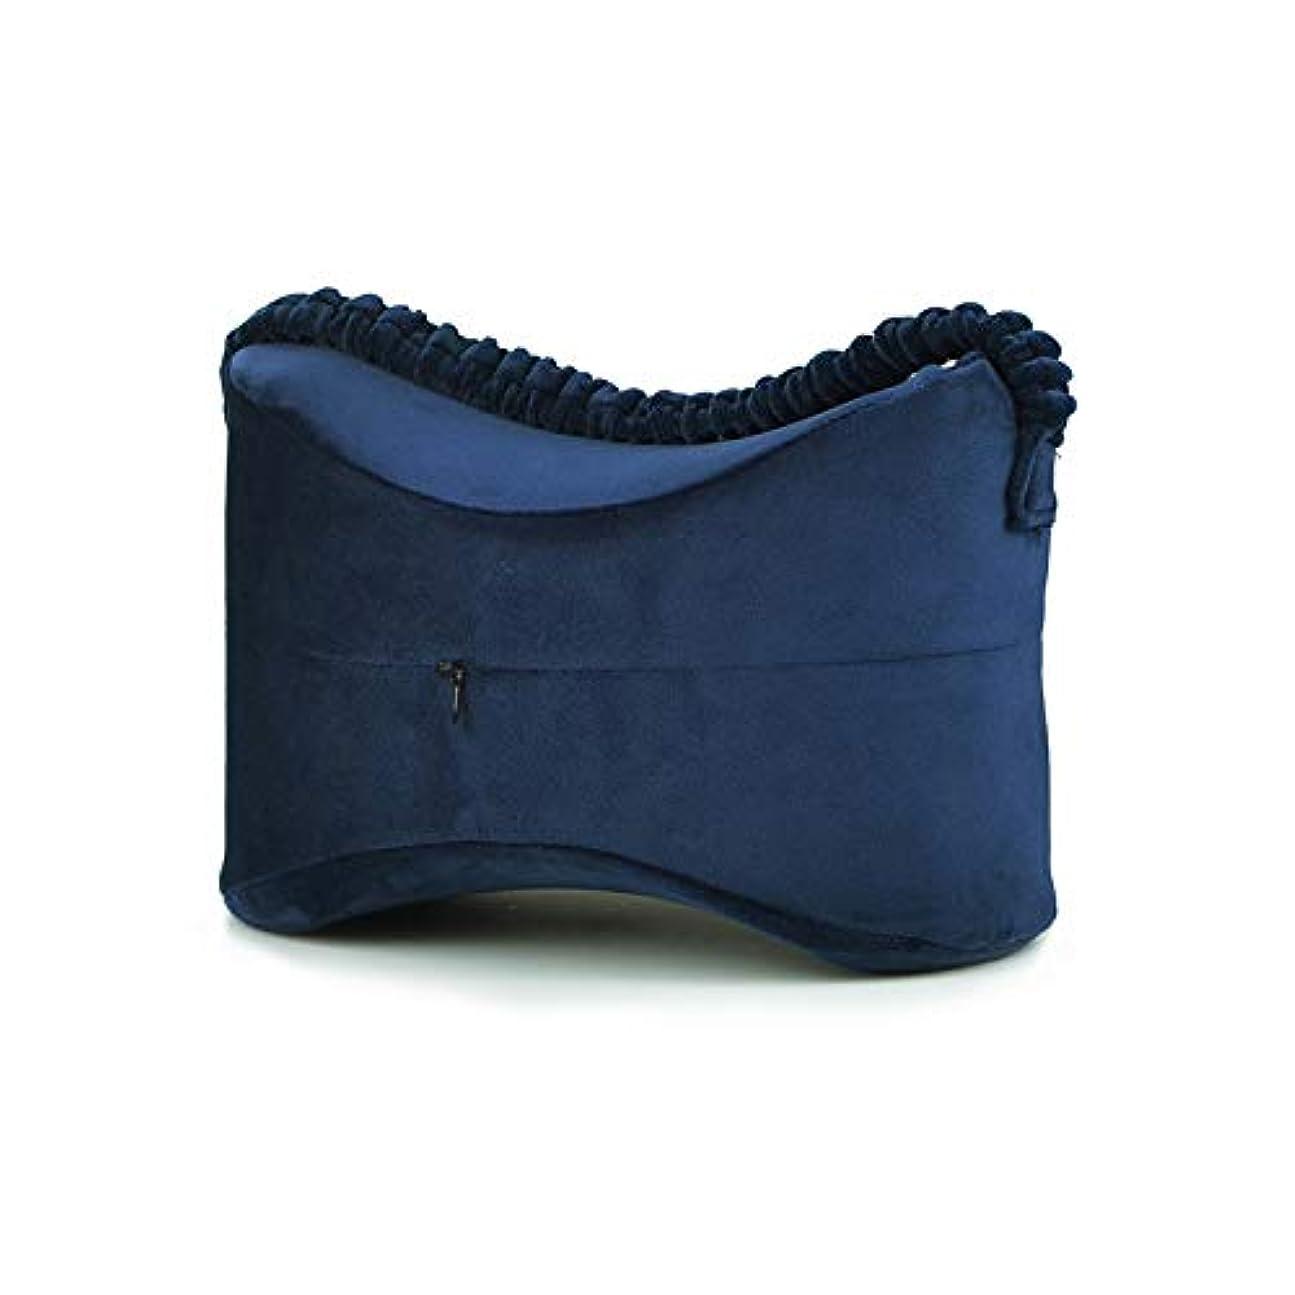 浪費区画炎上膝枕スローリバウンドメモリーレッグ枕人間工学に基づいた痛みを緩和する枕 (navy blue)